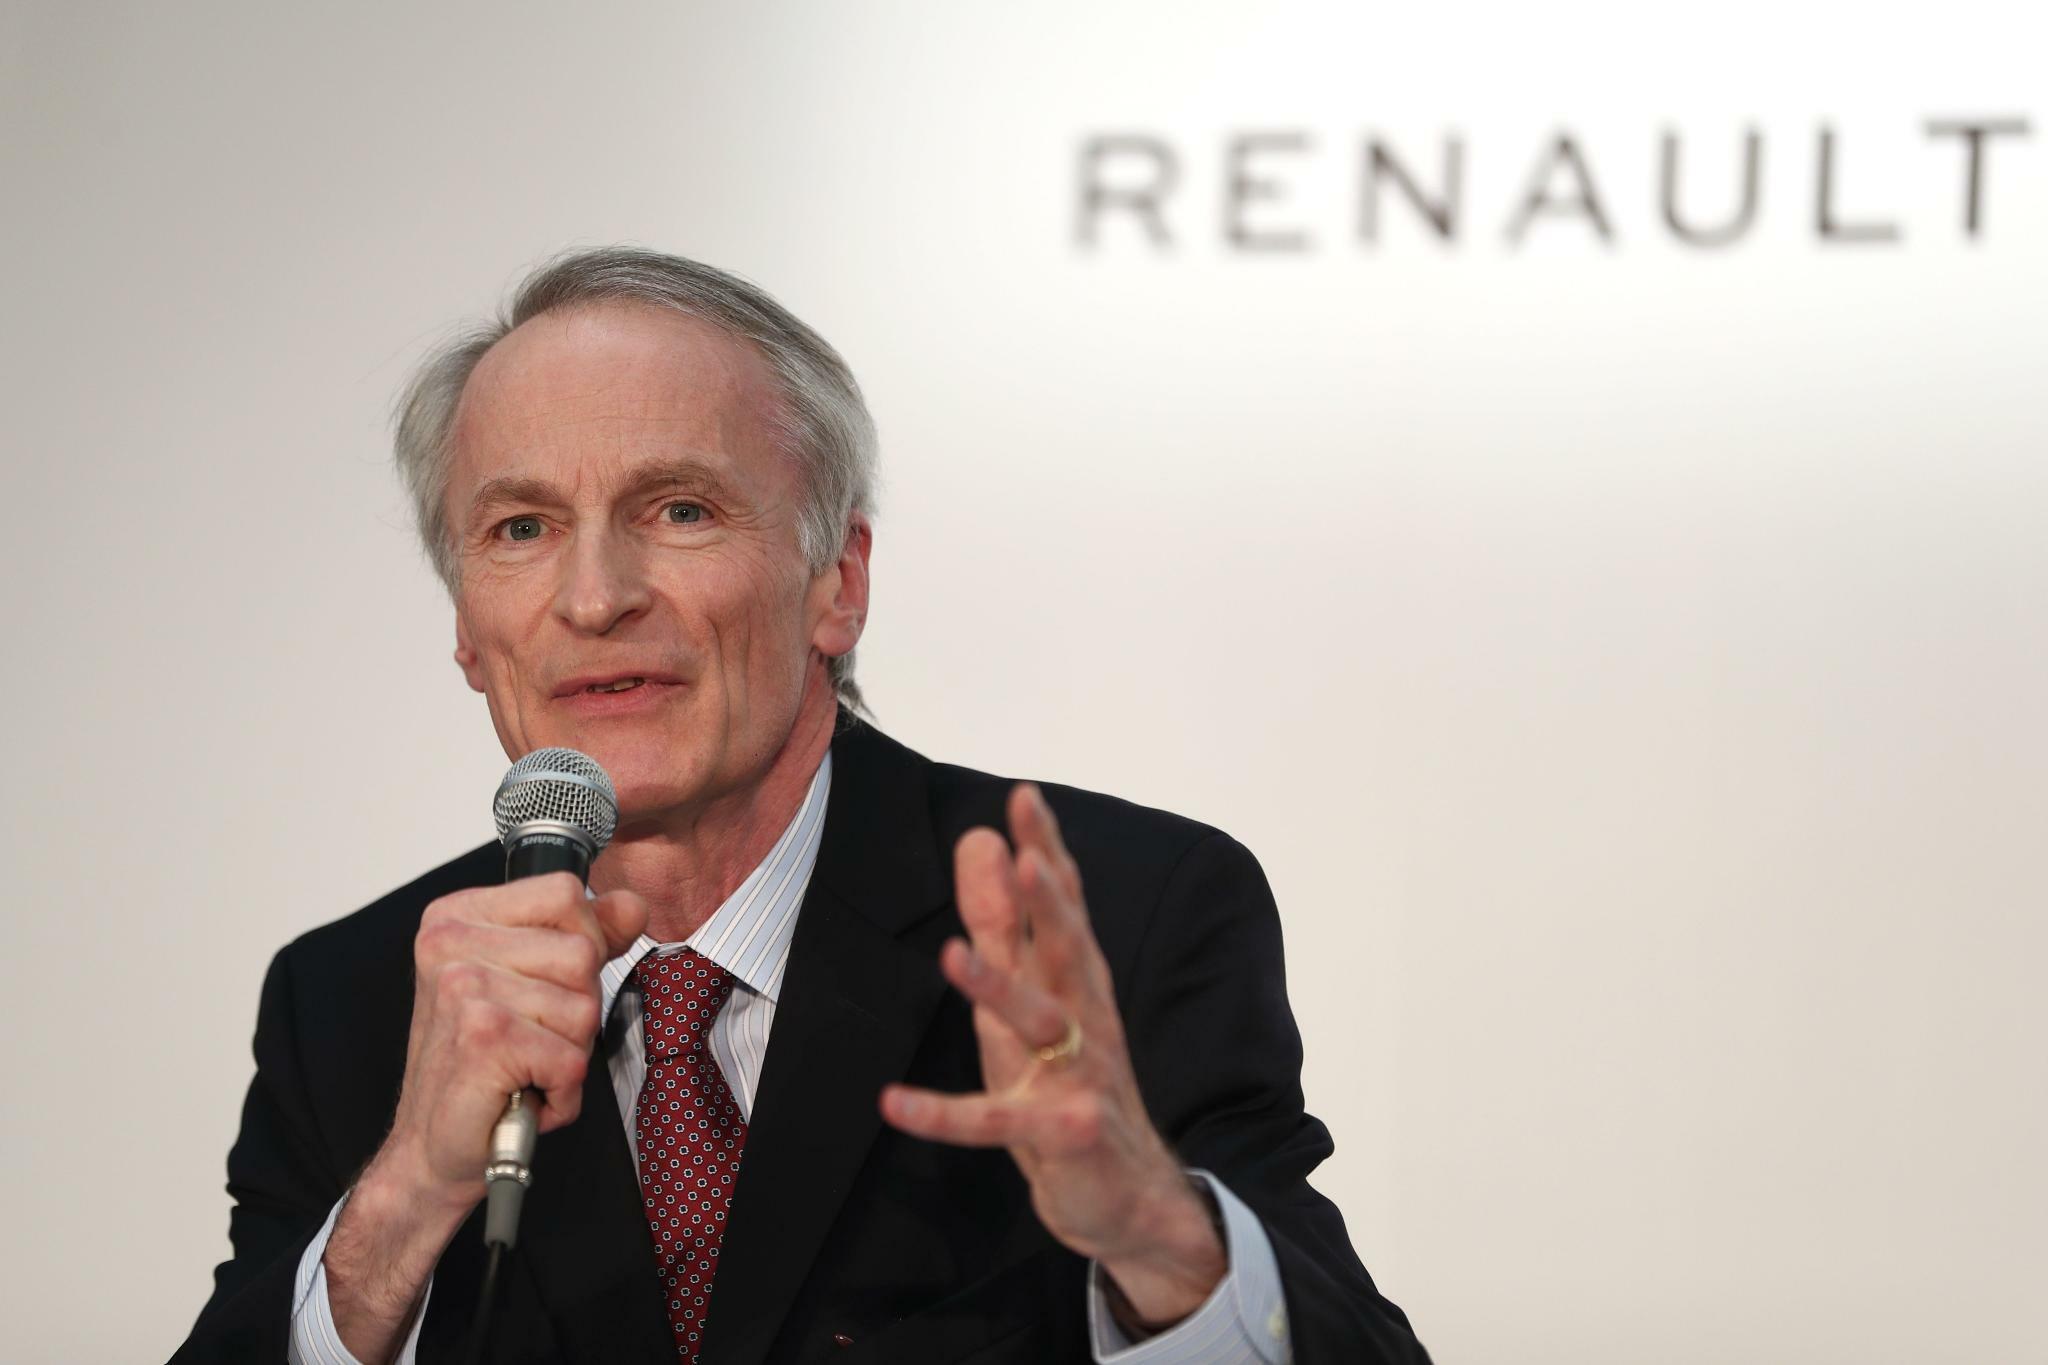 日产汽车前CEO:我为公司做了很多,没什么可羞愧的